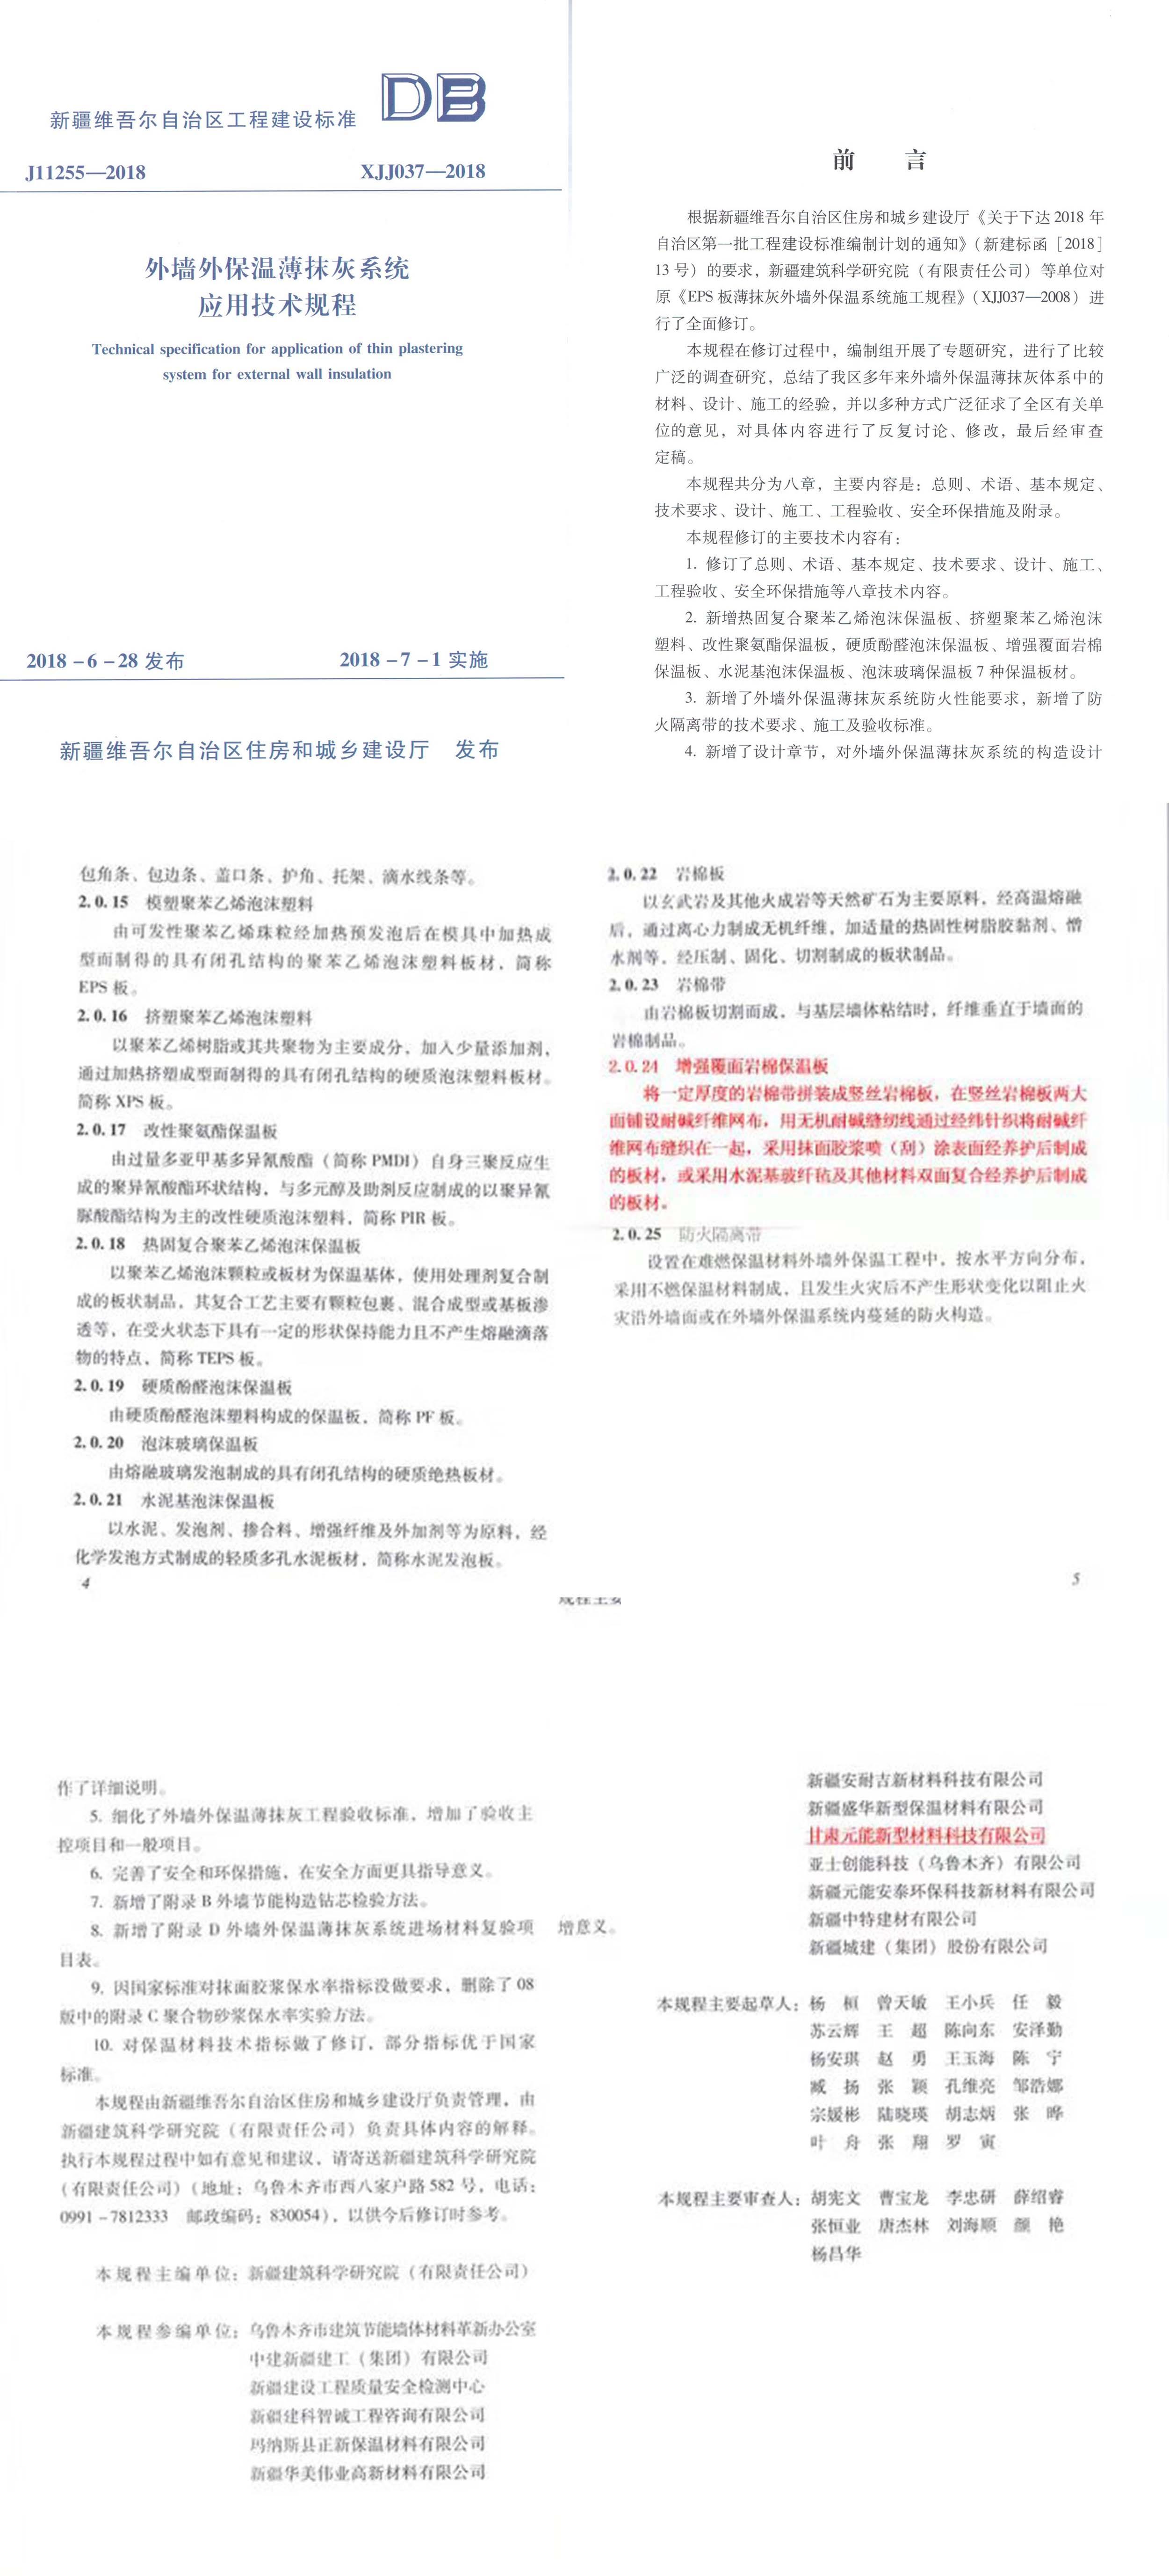 兰州万博manbetx官网